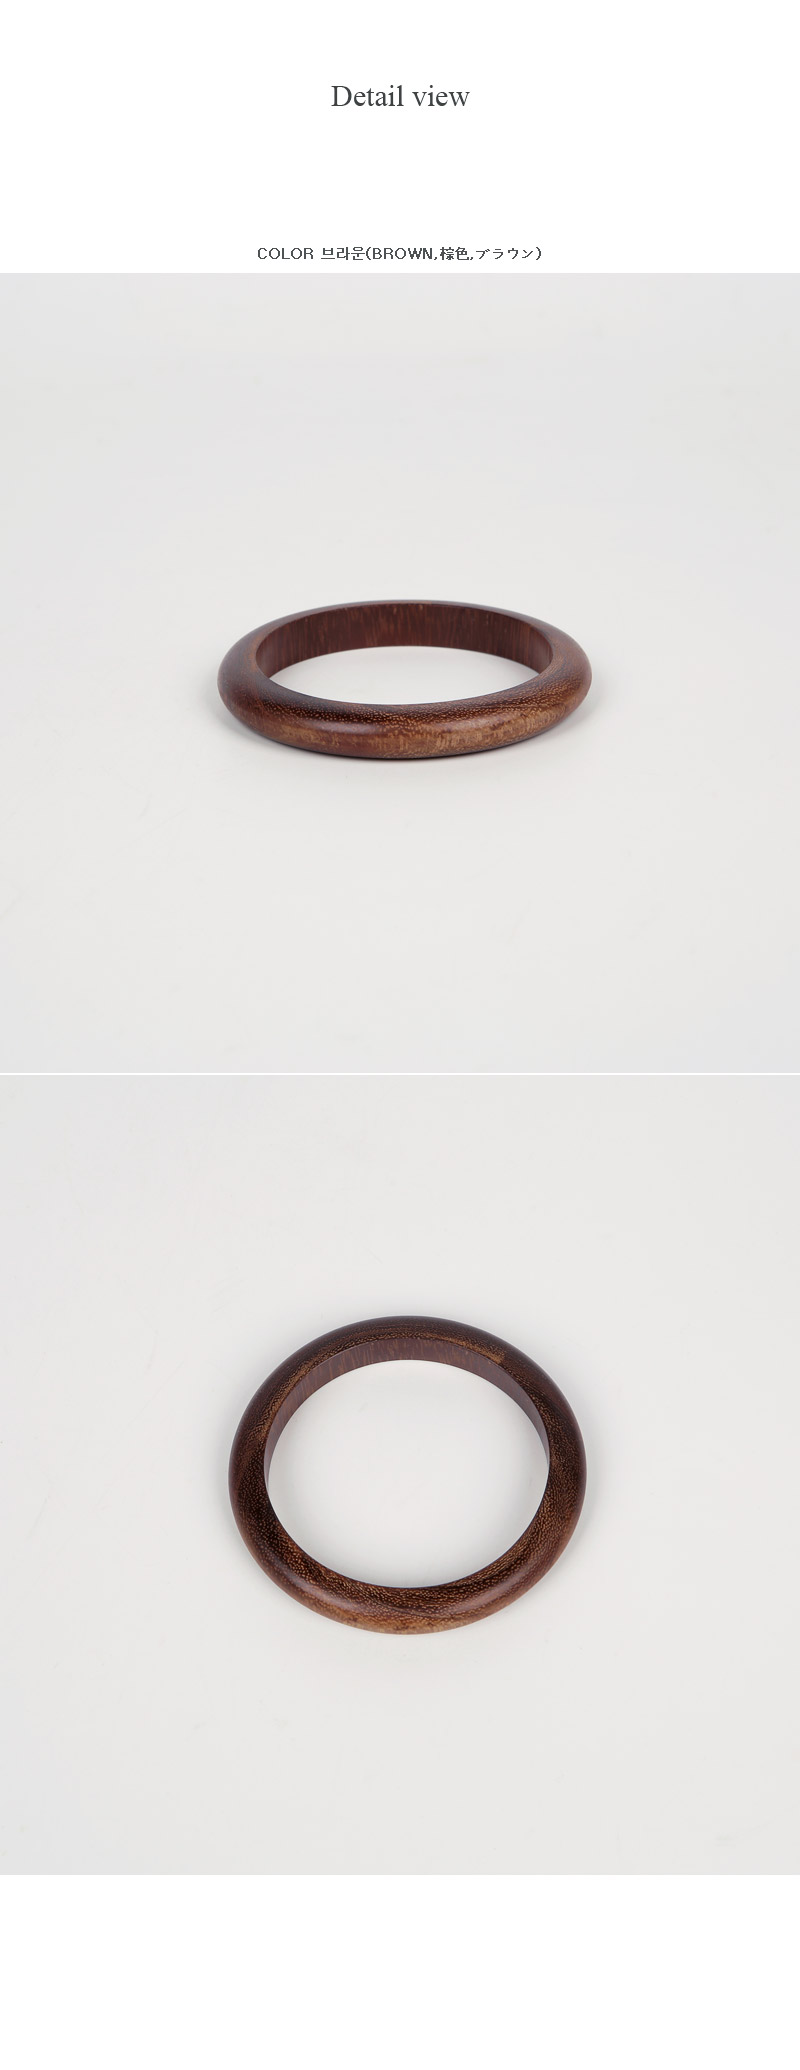 Simple wood b